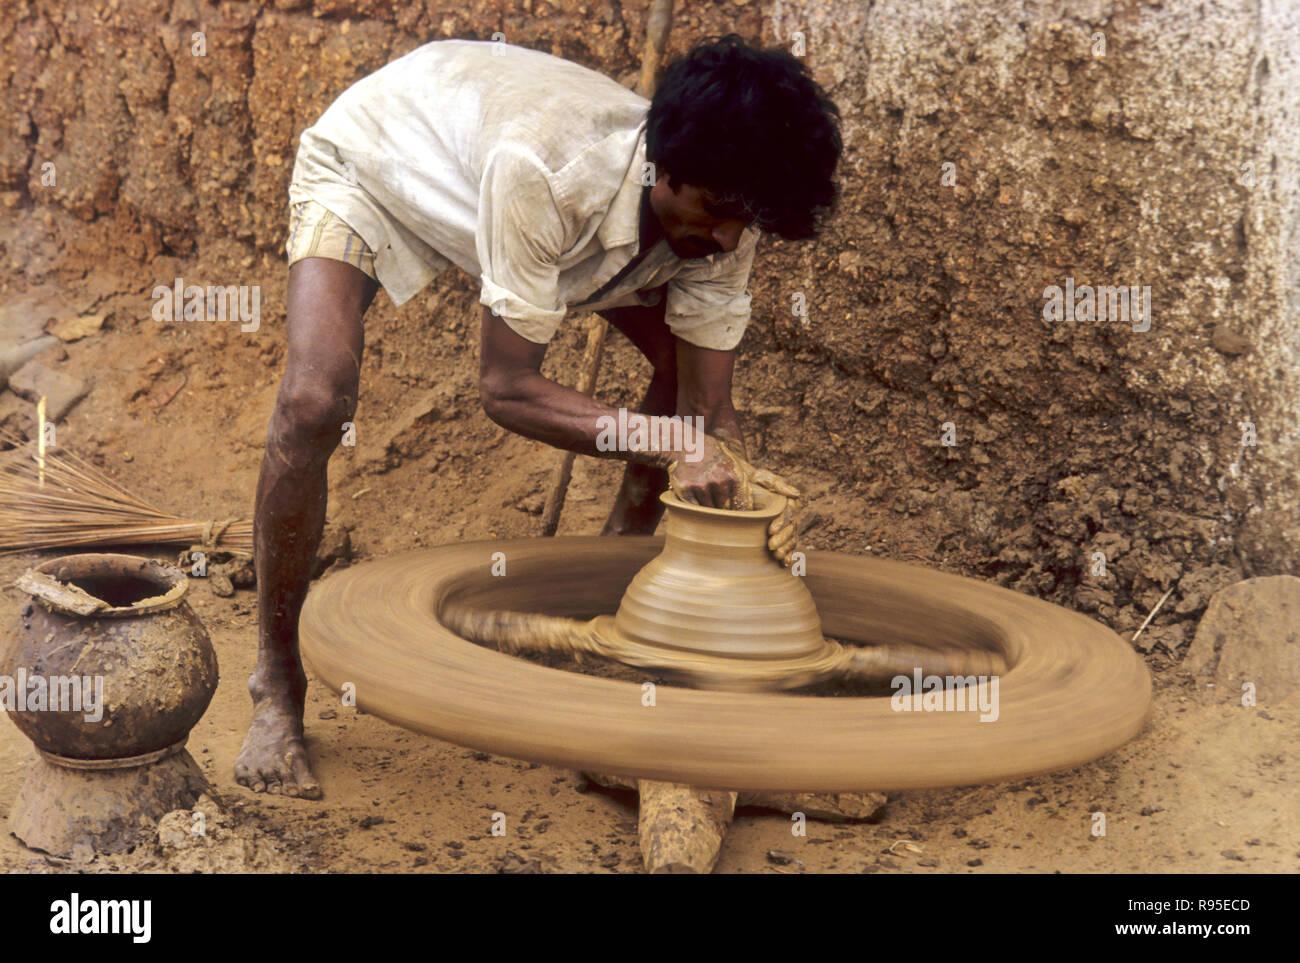 Mud Pot Maker